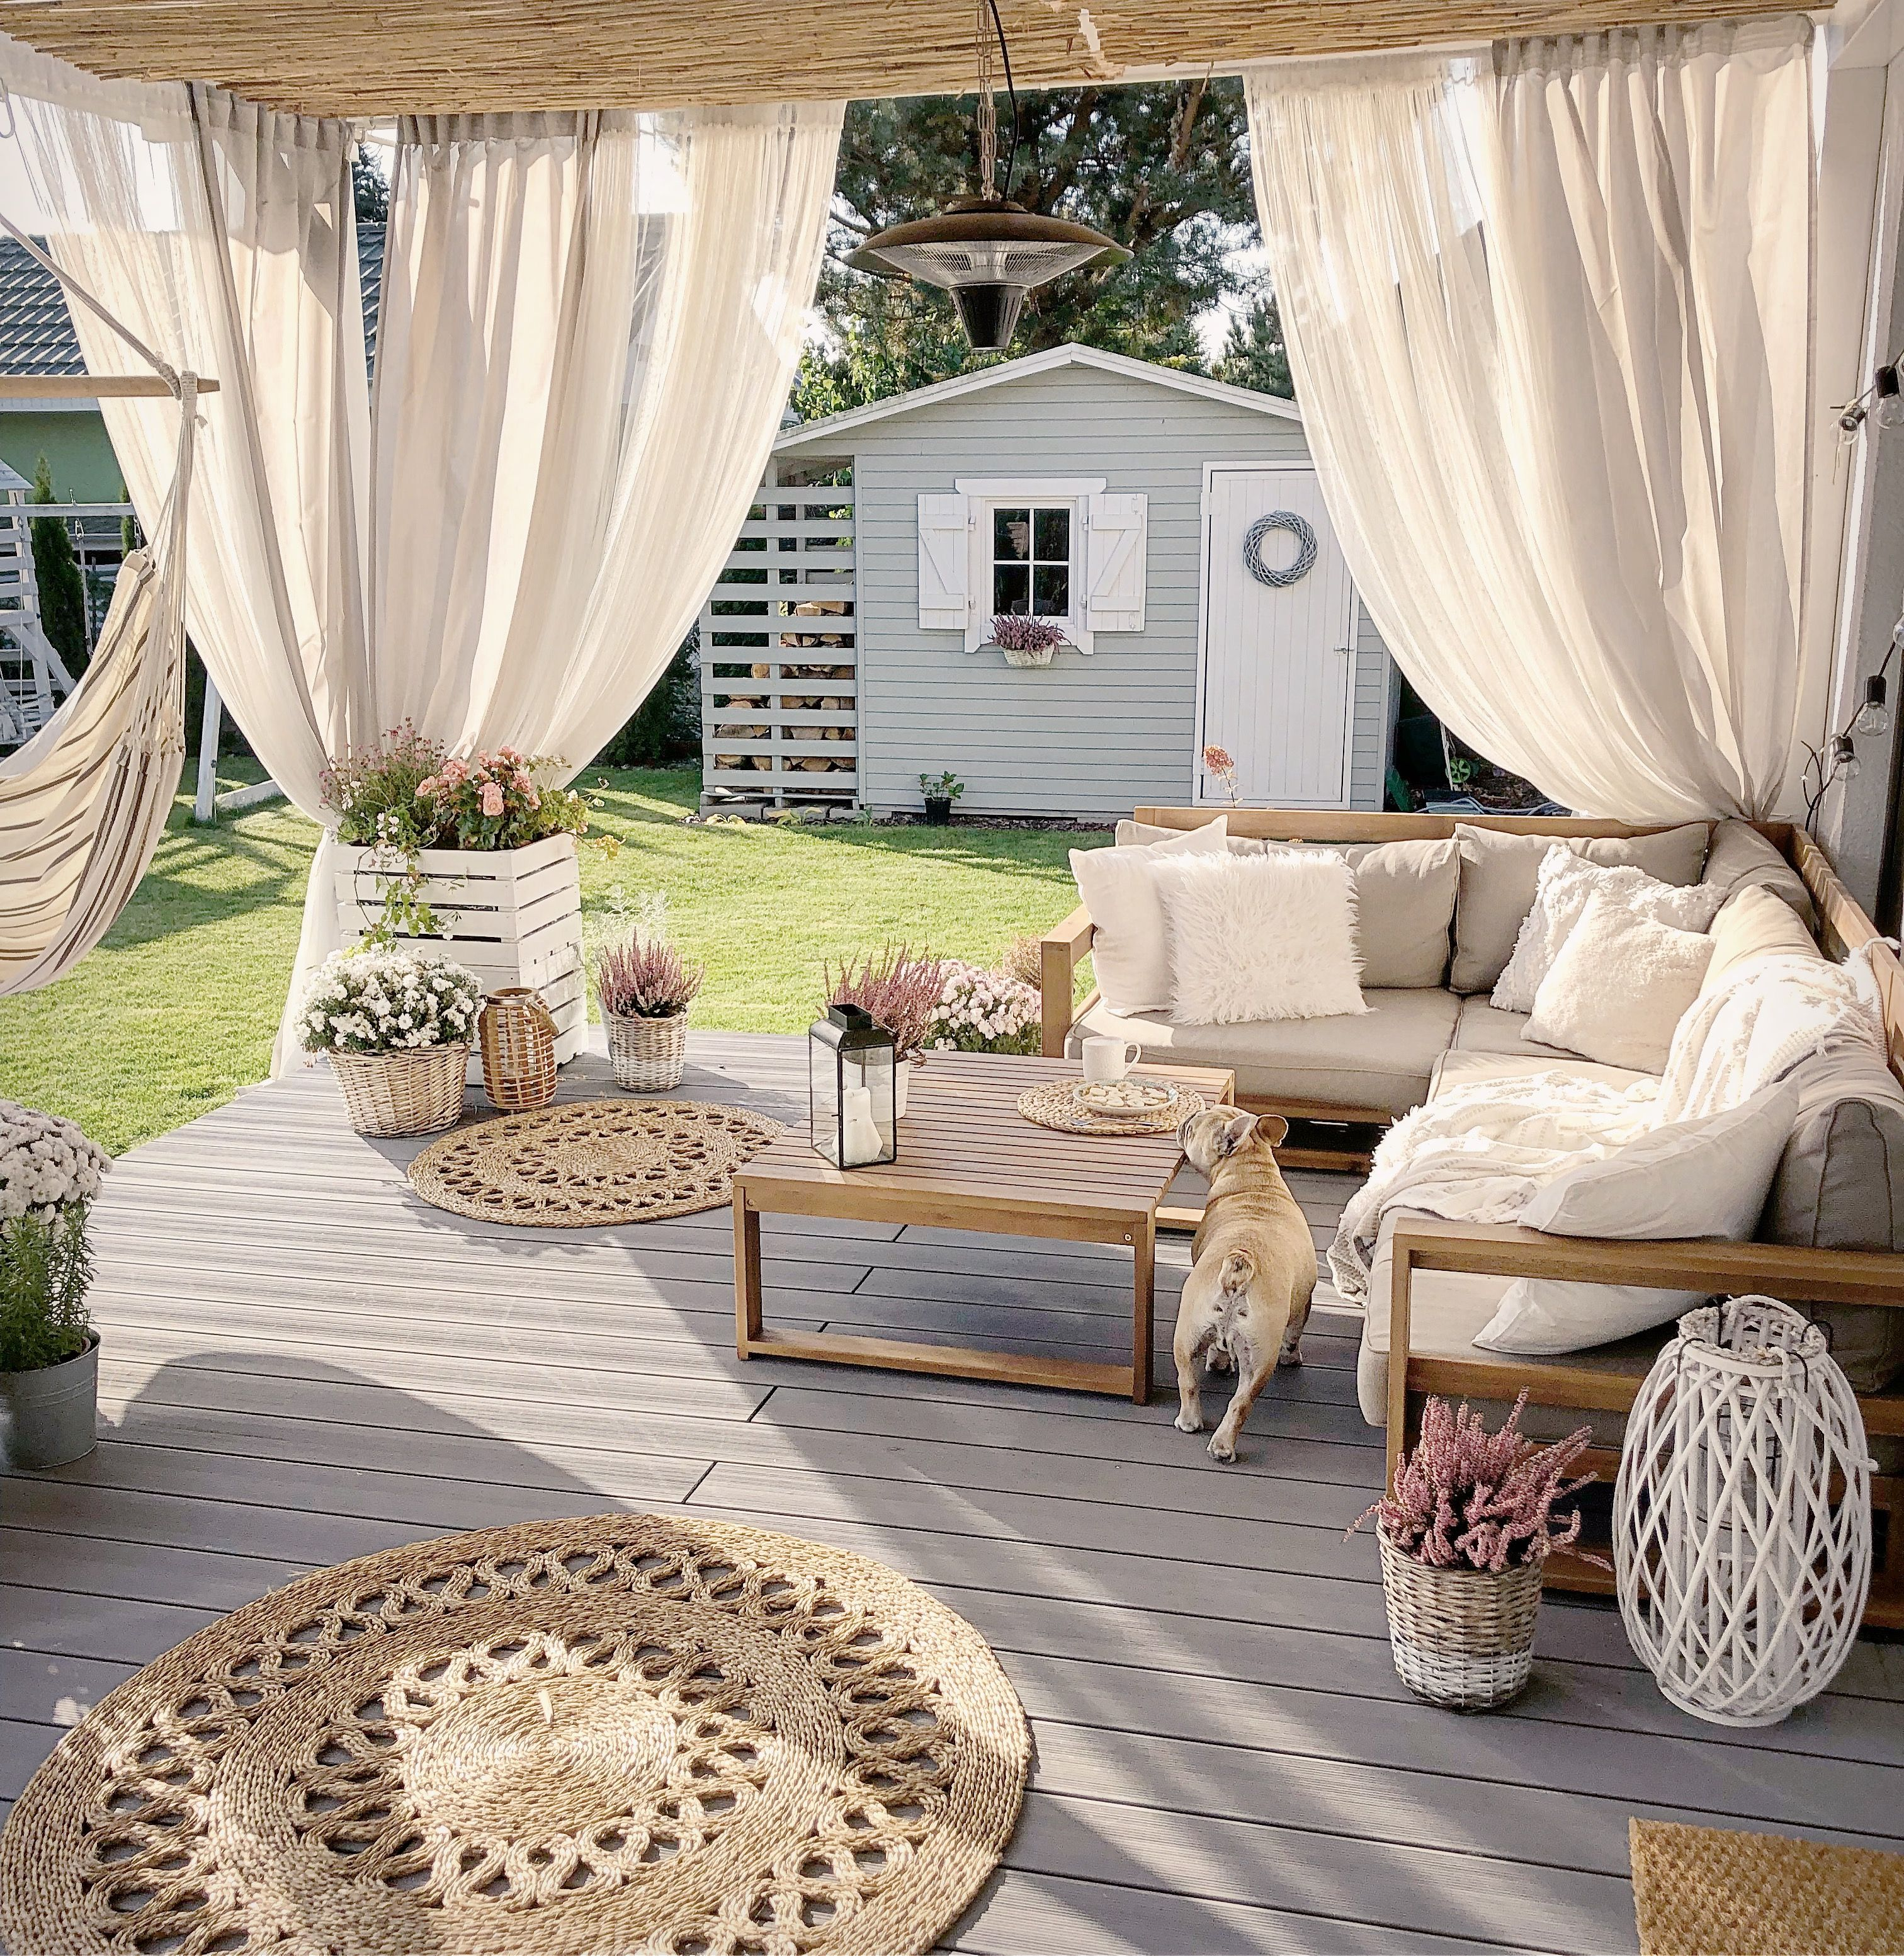 Exklusives, modernes und vielseitiges Gartenset aus wunderschönem Holz mit FSC-Siegel #hinterhofterrassendesigns